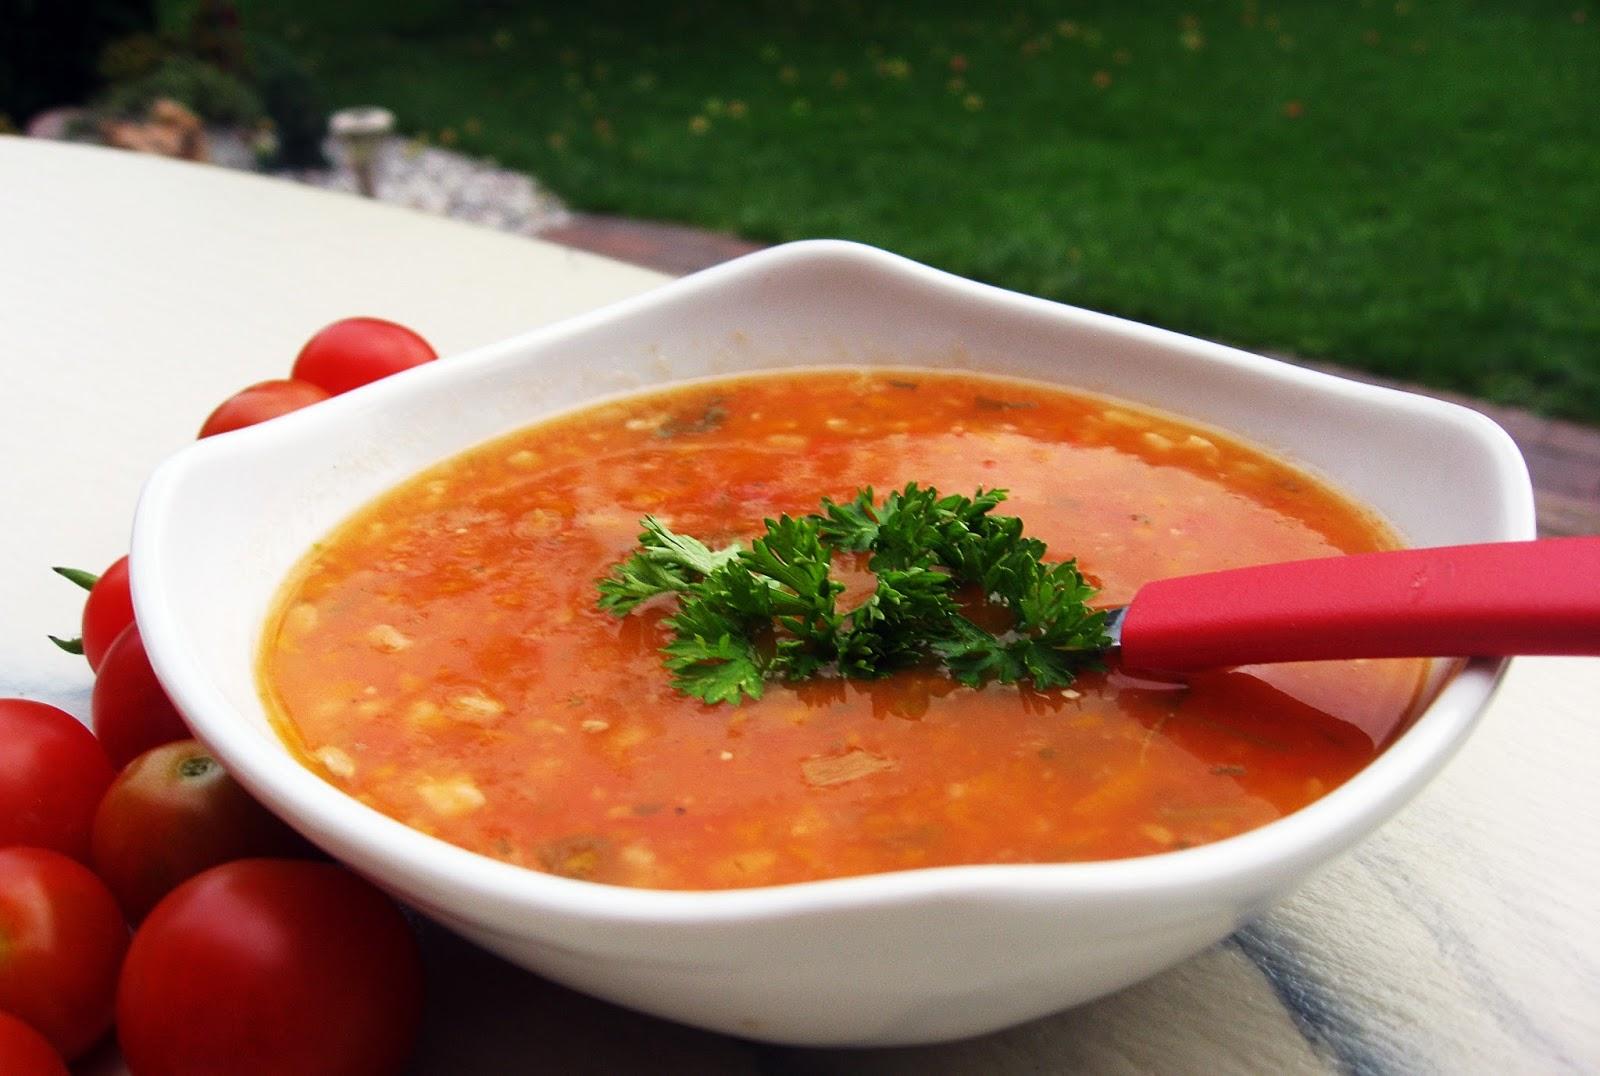 Lengvai Ir Skaniai Pomidorinė Sriuba Su Rudaisiais Ryžiais